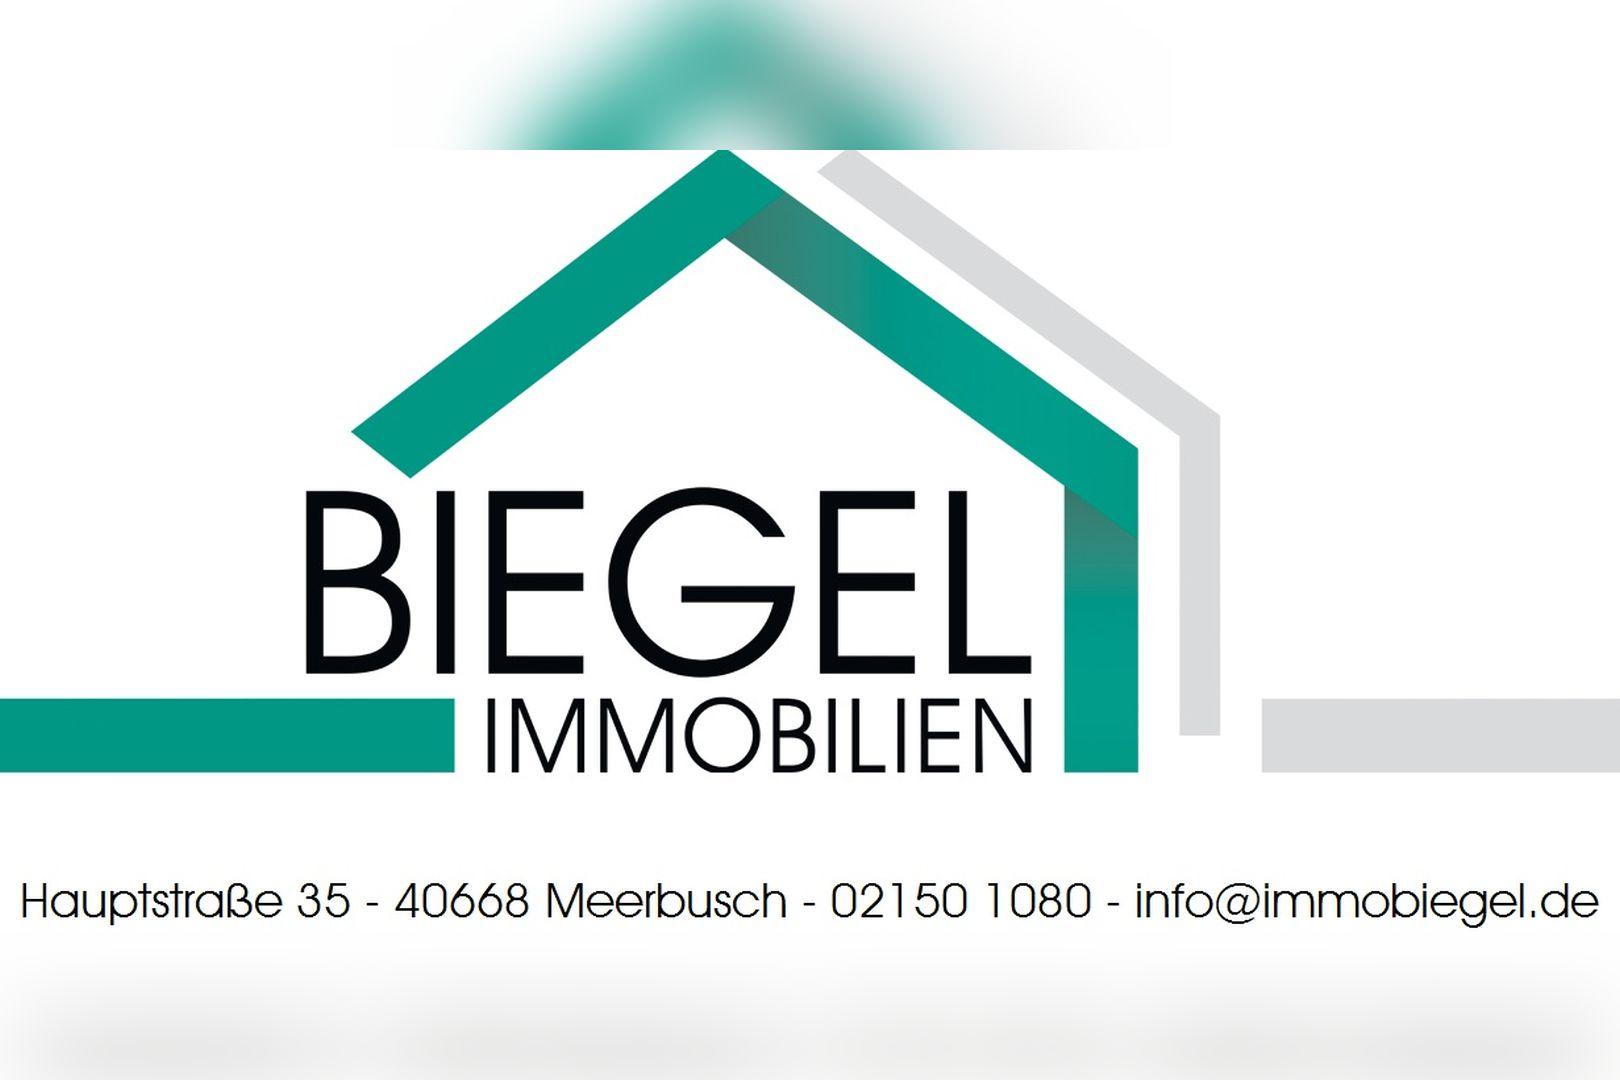 Immobilie Nr.0280 - 2-RAUM-WOHNUNG mit Wintergarten, Stellplatz und Einbauküche  - Bild 13.jpg